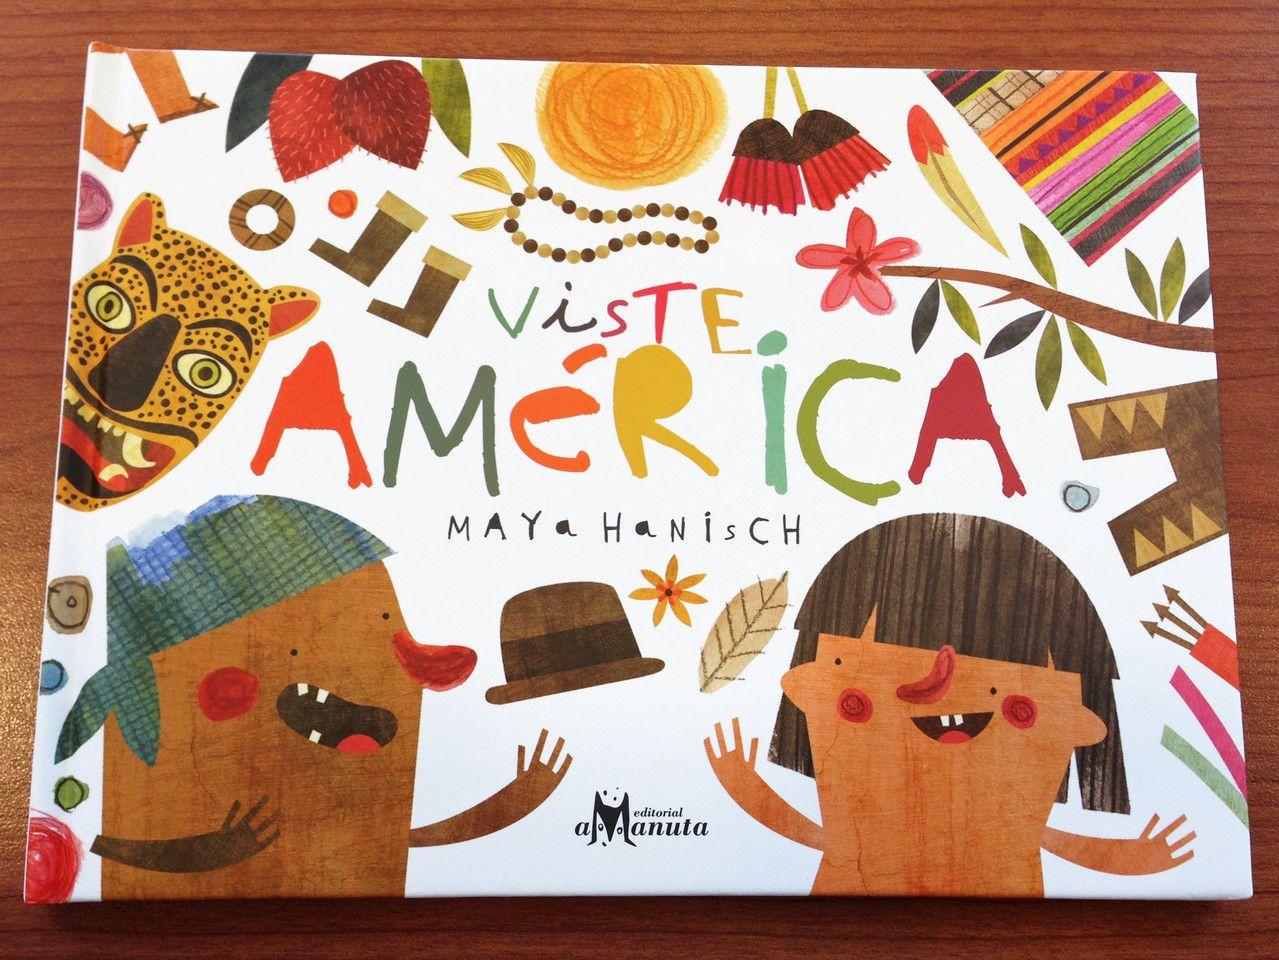 Viste America